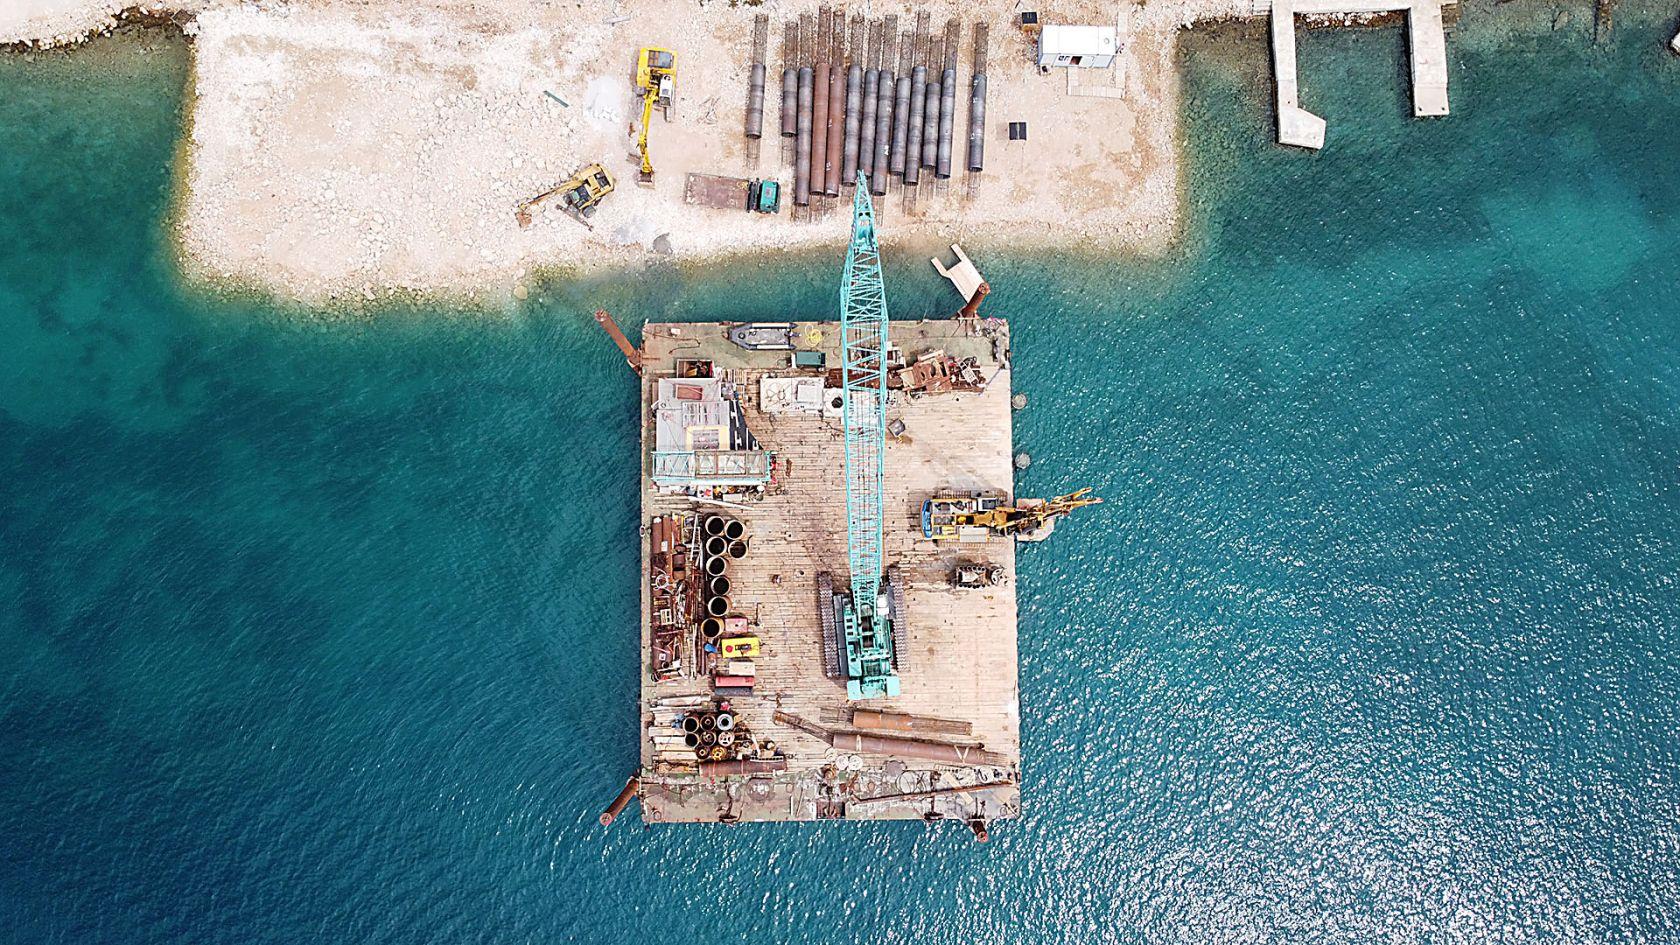 Završeno je bušenje, u tijeku radovi betoniranja pilota. U rujnu montaža prvih elemenata konstrukcije pristanišnog gata.